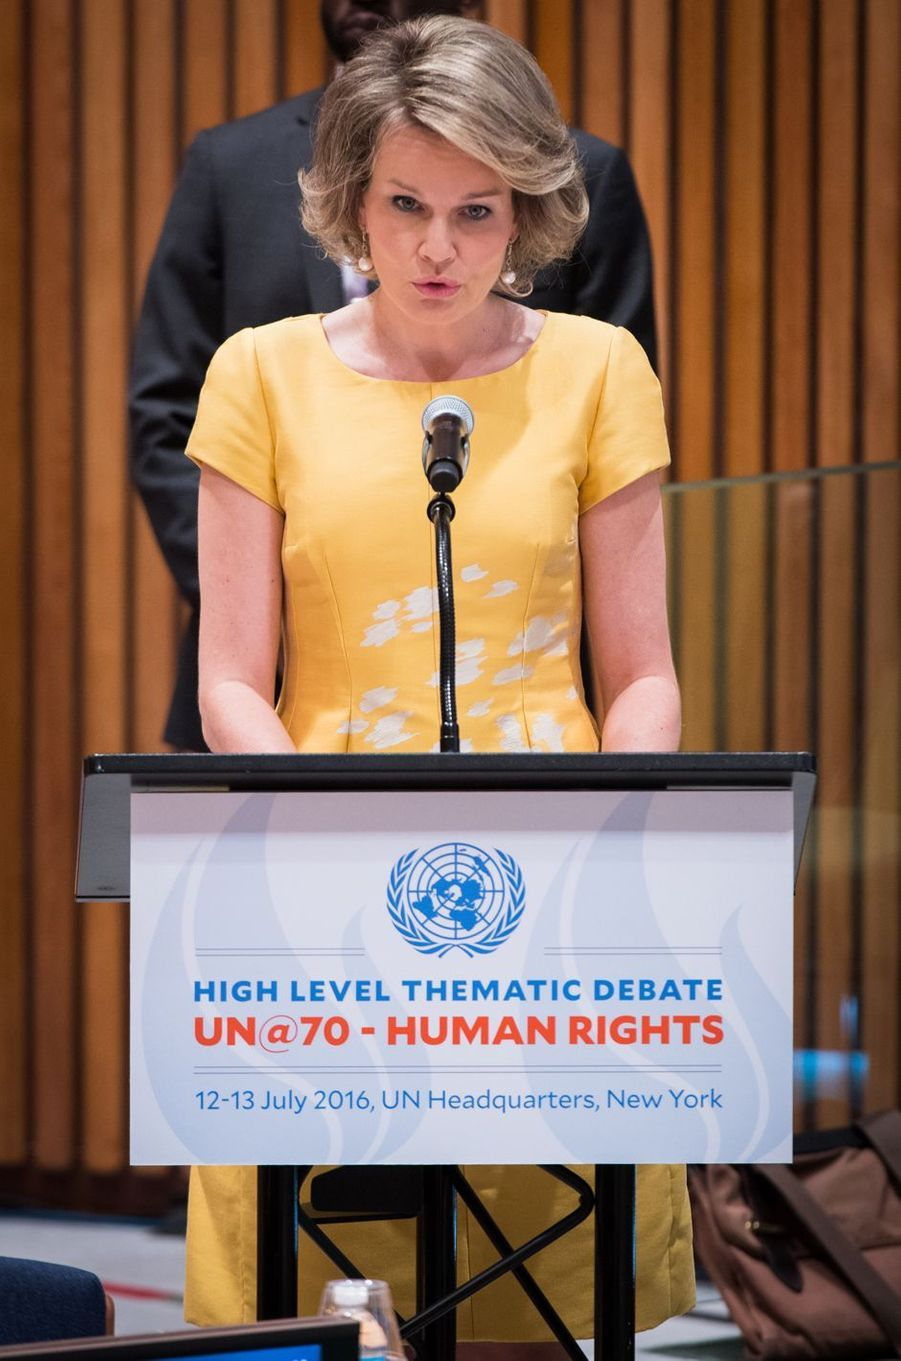 La reine Mathilde de Belgique à l'ONU à New York, le 12 juillet 2016